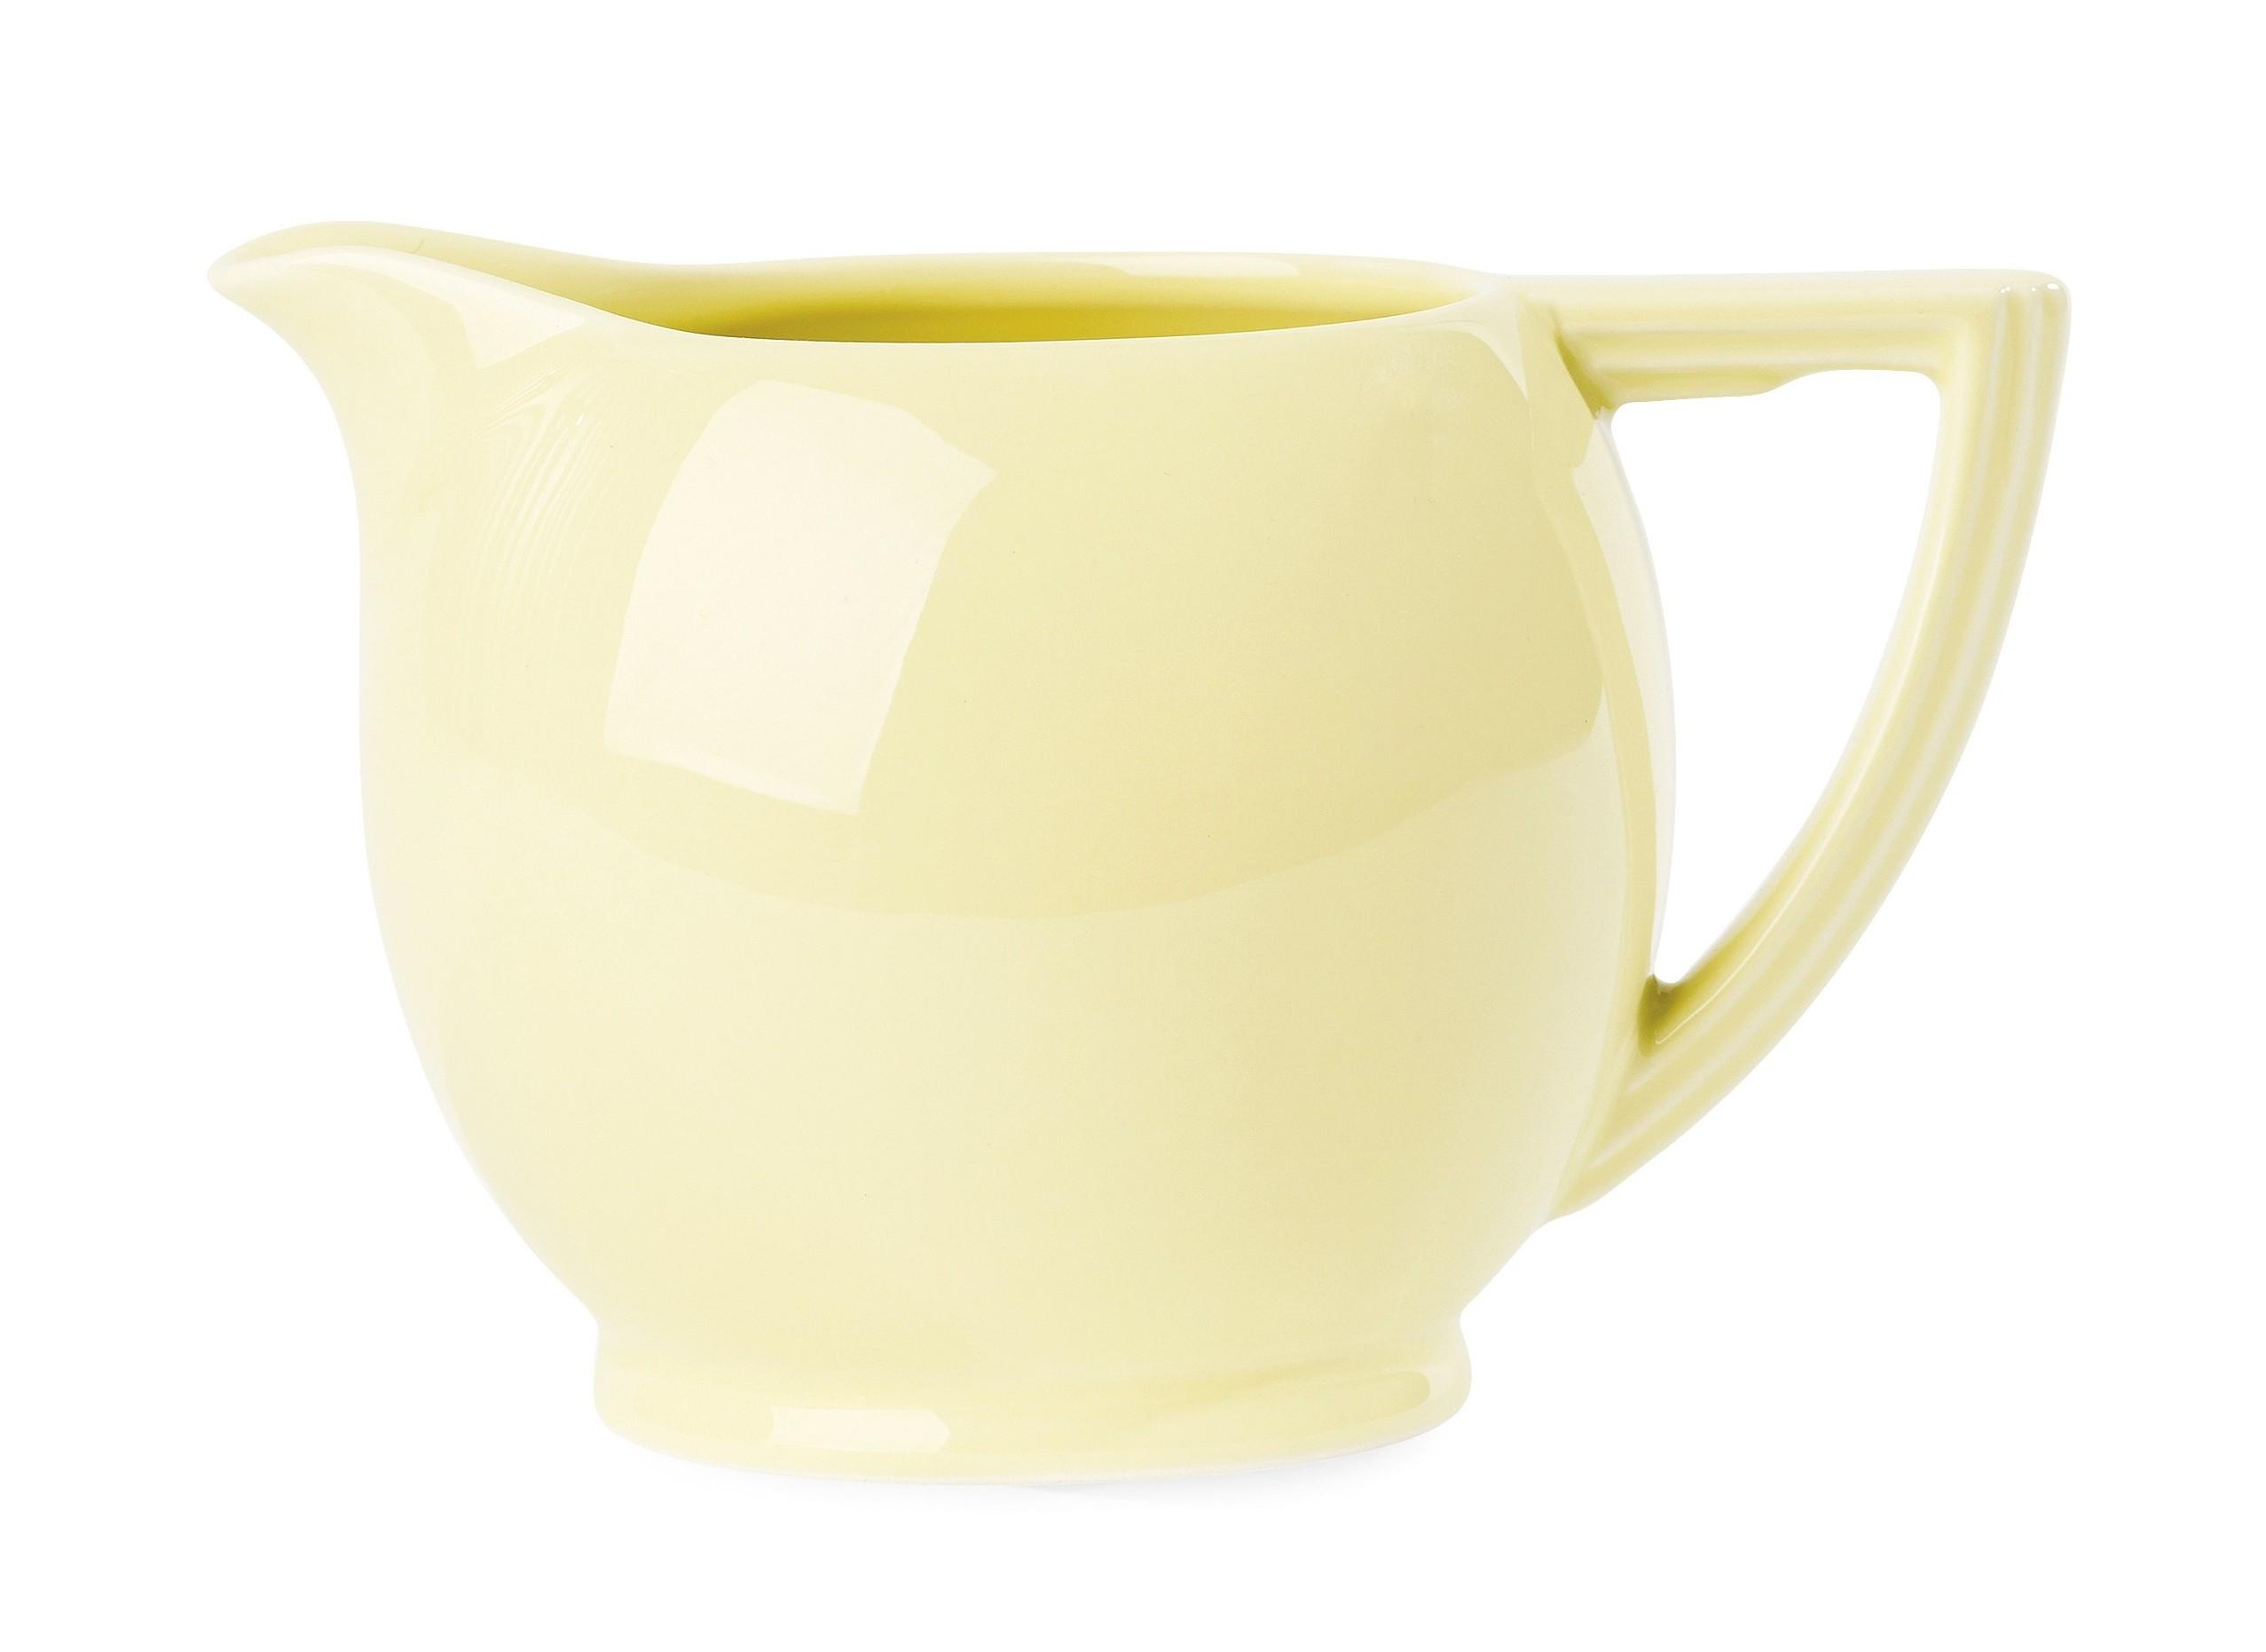 КувшинКувшины и графины<br>Кувшин Miss Etoile можно использовать как по прямому назначению, так и вписать в дизайн вашей кухни. Он придаст изюминку любому интерьеру и займет достойное место в ряду аксессуаров любой домохозяйки. На протяжении многих лет кувшин незаменим в ведении домашнего хозяйства, его использовали для воды, молока, сливок. Кувшин от Miss Etoile непременно внесет элемент роскоши в ваш дом!<br><br>Material: Керамика<br>Ширина см: 18<br>Высота см: 12.0<br>Глубина см: 10